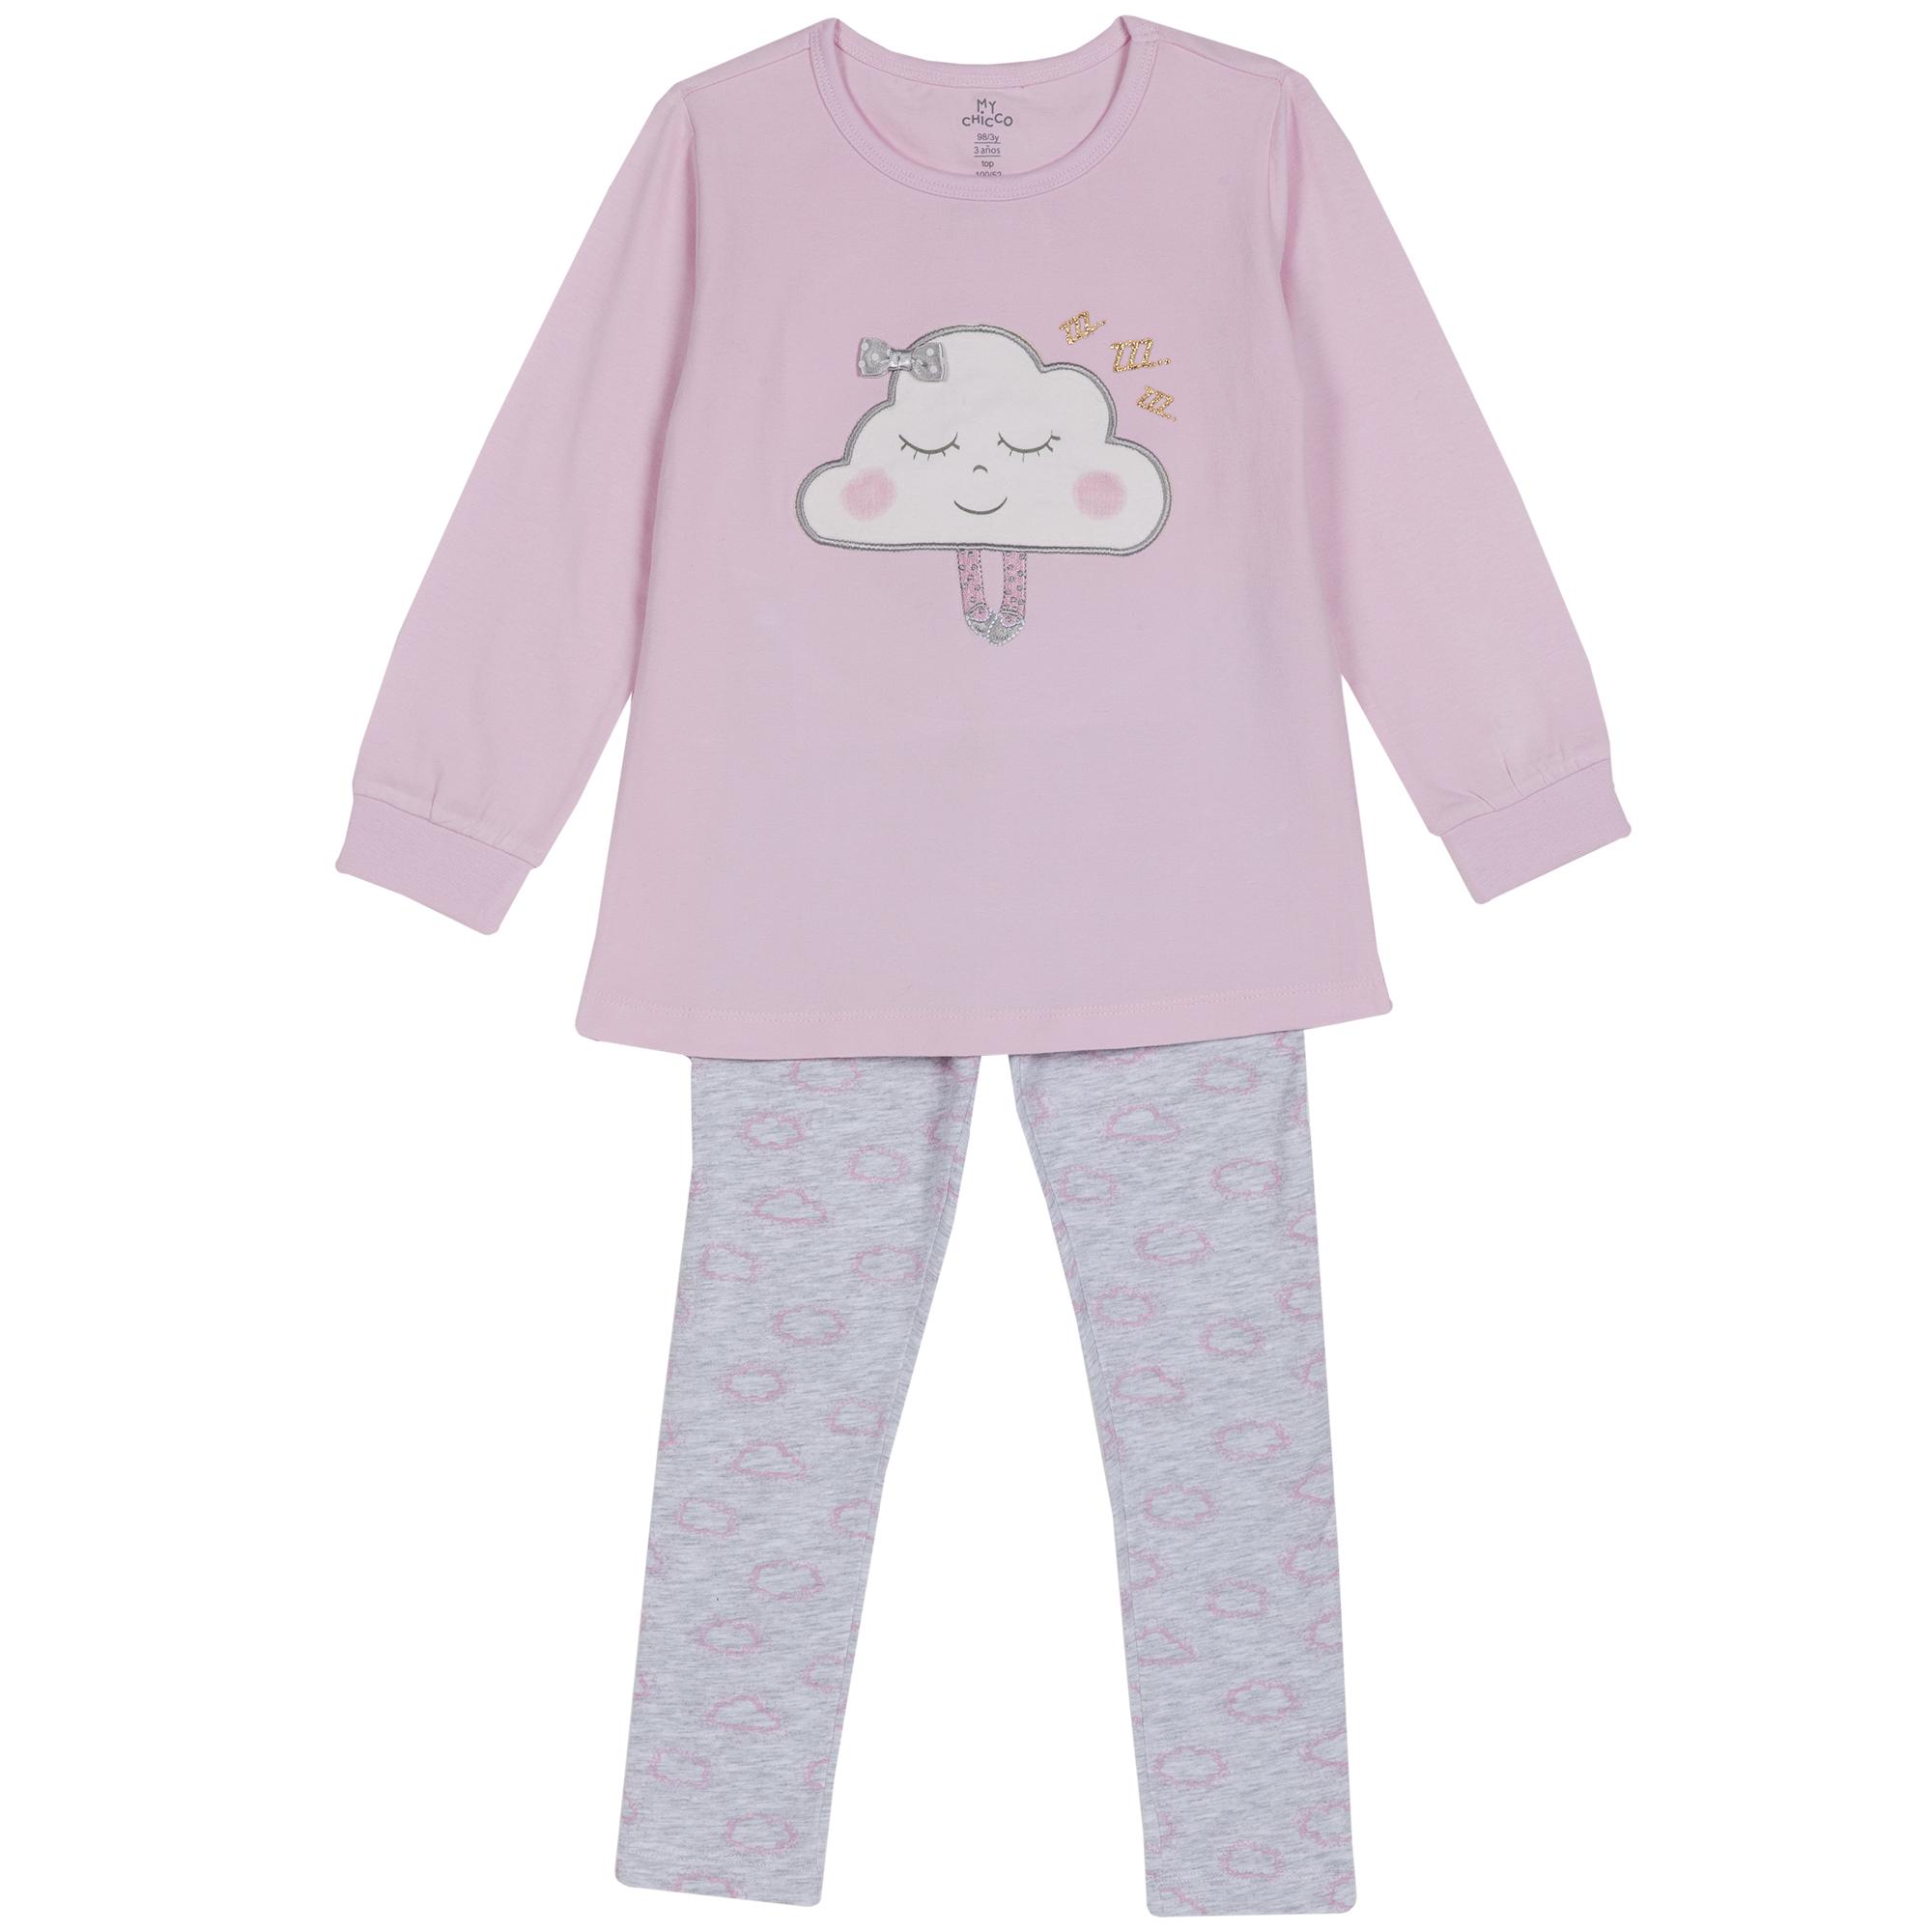 Pijama copii Chicco roz 92